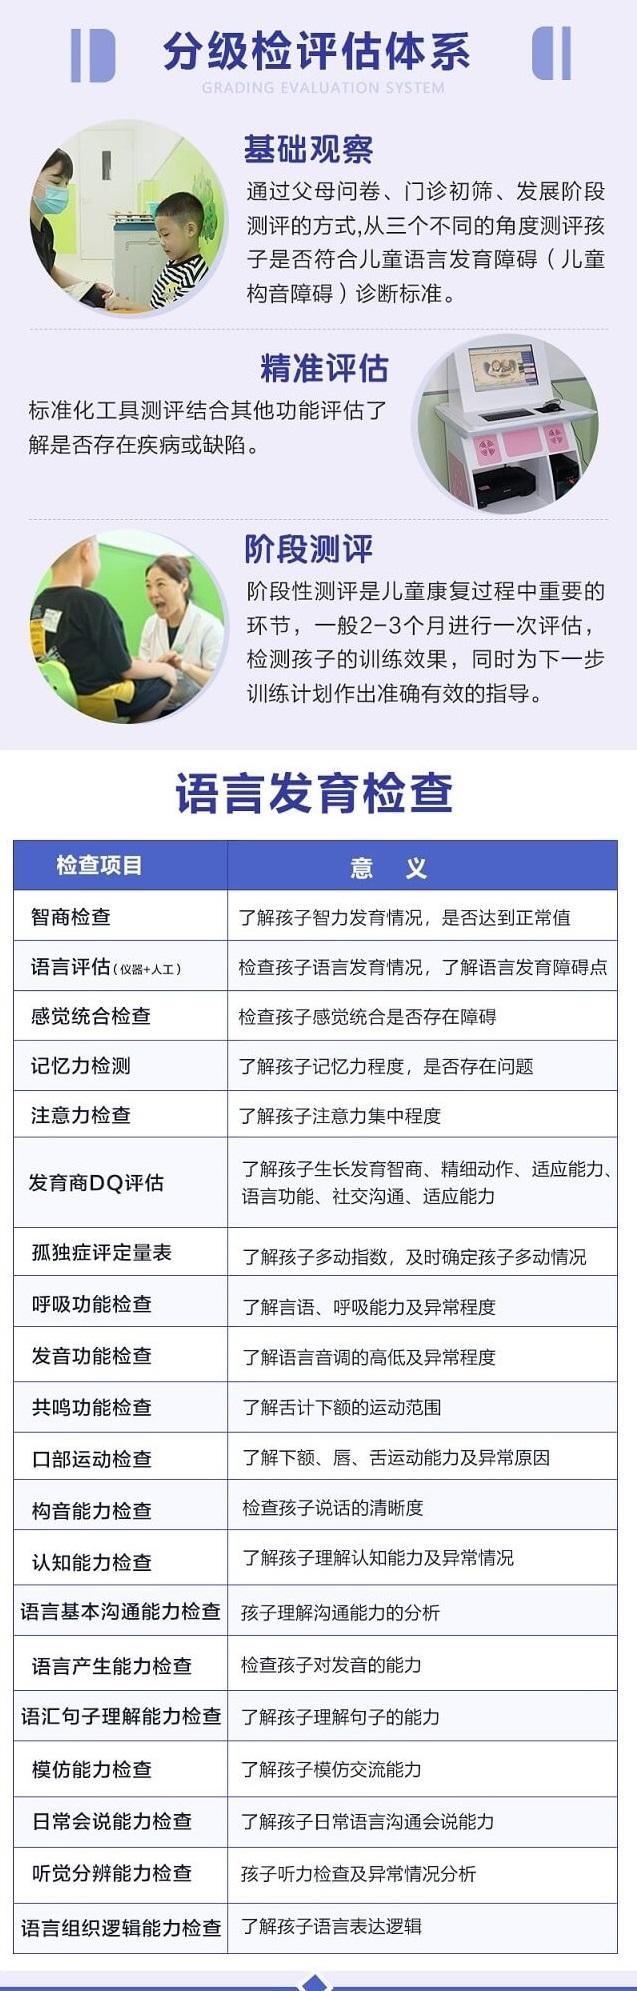 广元市儿童语言康复中心哪里好? 图1